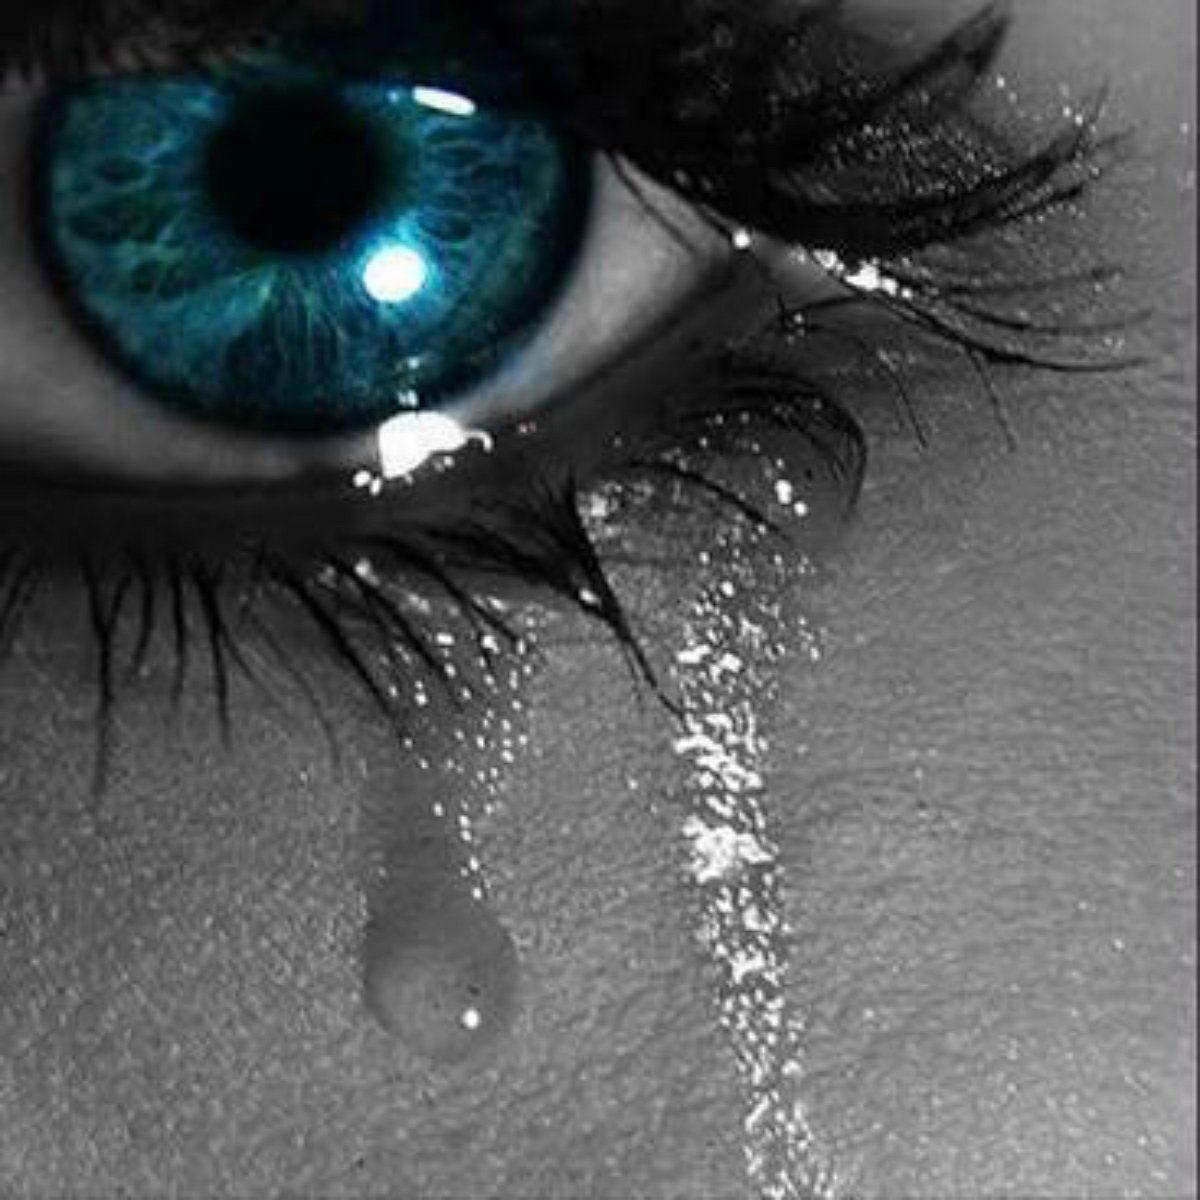 Pin By Fʌɗɘɗ Souɭ On Eyes Crying Eyes Eyes Wallpaper Things Under A Microscope